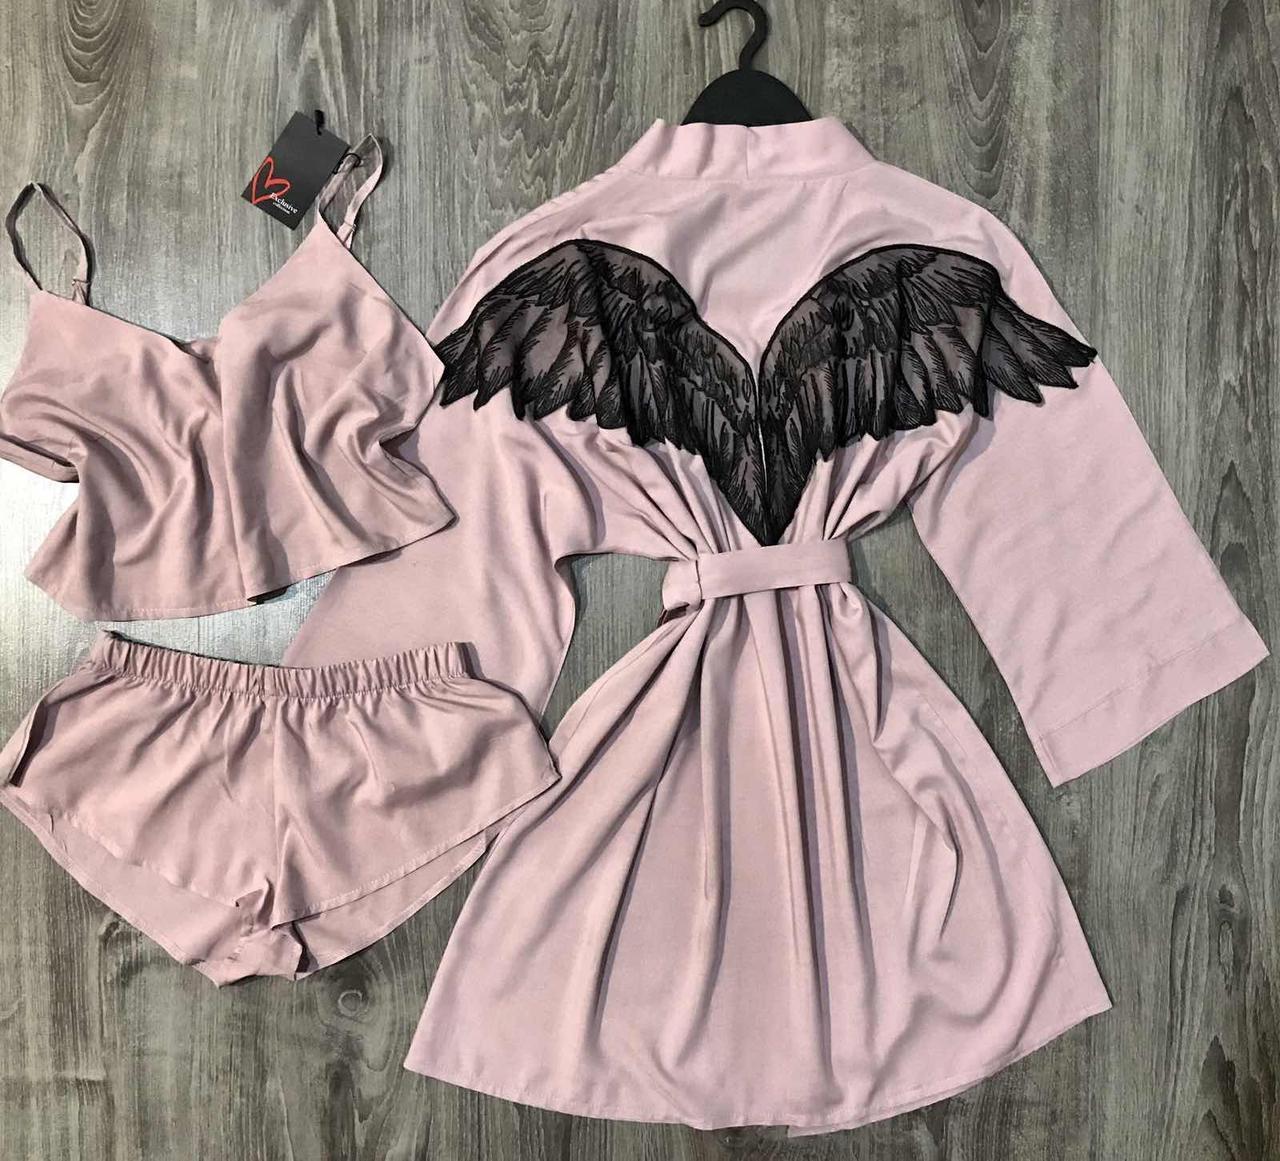 Хлопковый комплект домашней одежды халат+топ+шорты.